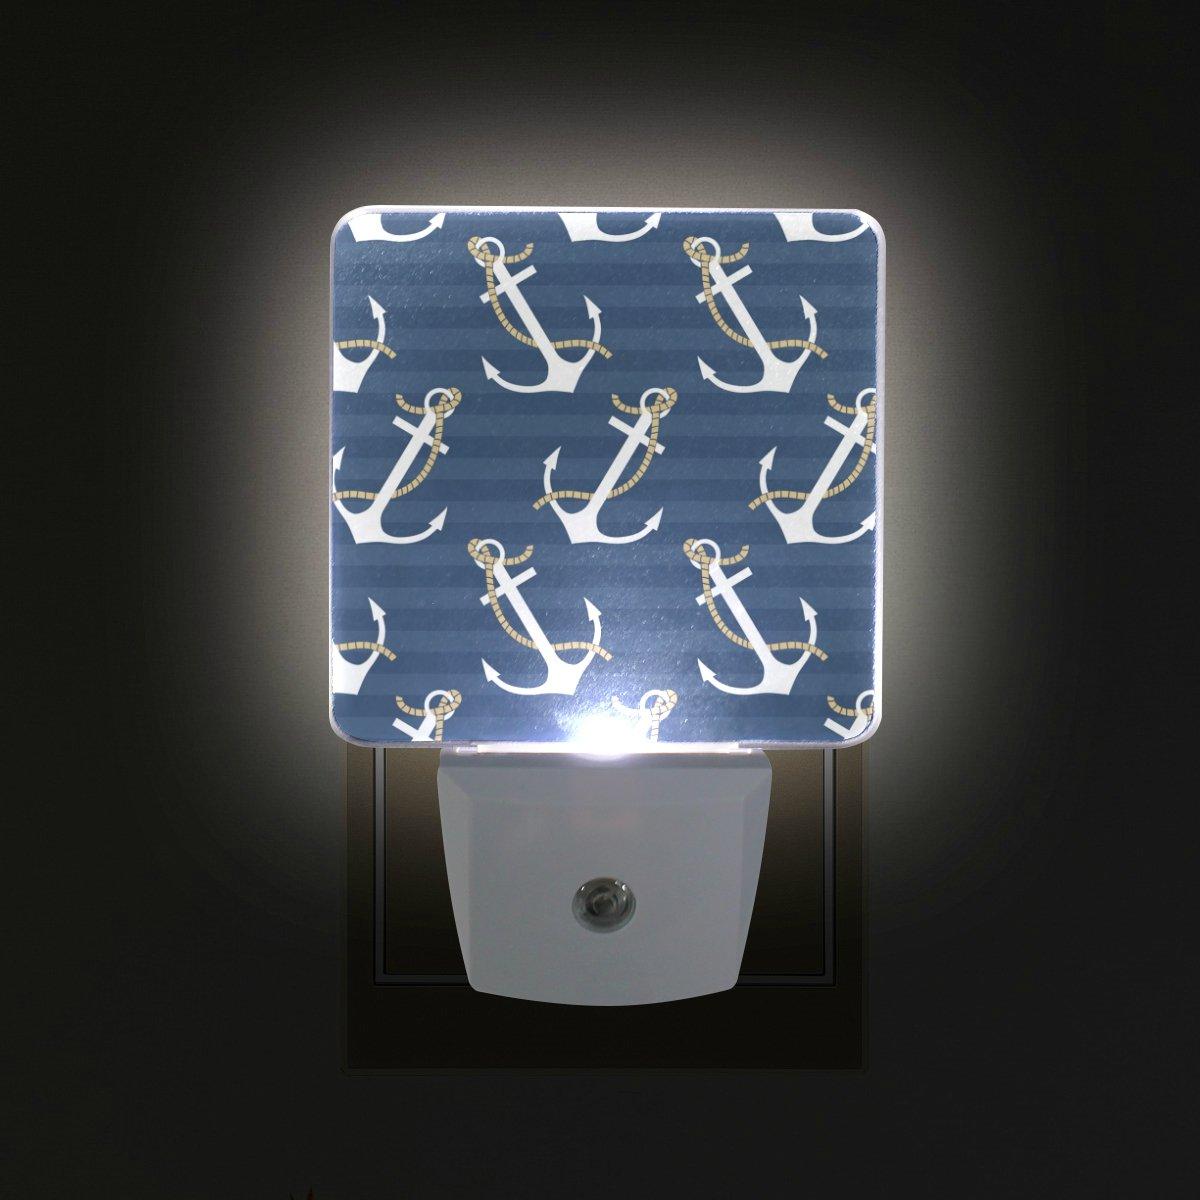 giovaniorマリンアンカープラグin Dusk to DawnライトセンサーLEDナイトライトウォールライトの寝室、バスルーム、廊下、階段、エネルギー効率的な B079LWMLXB 15675